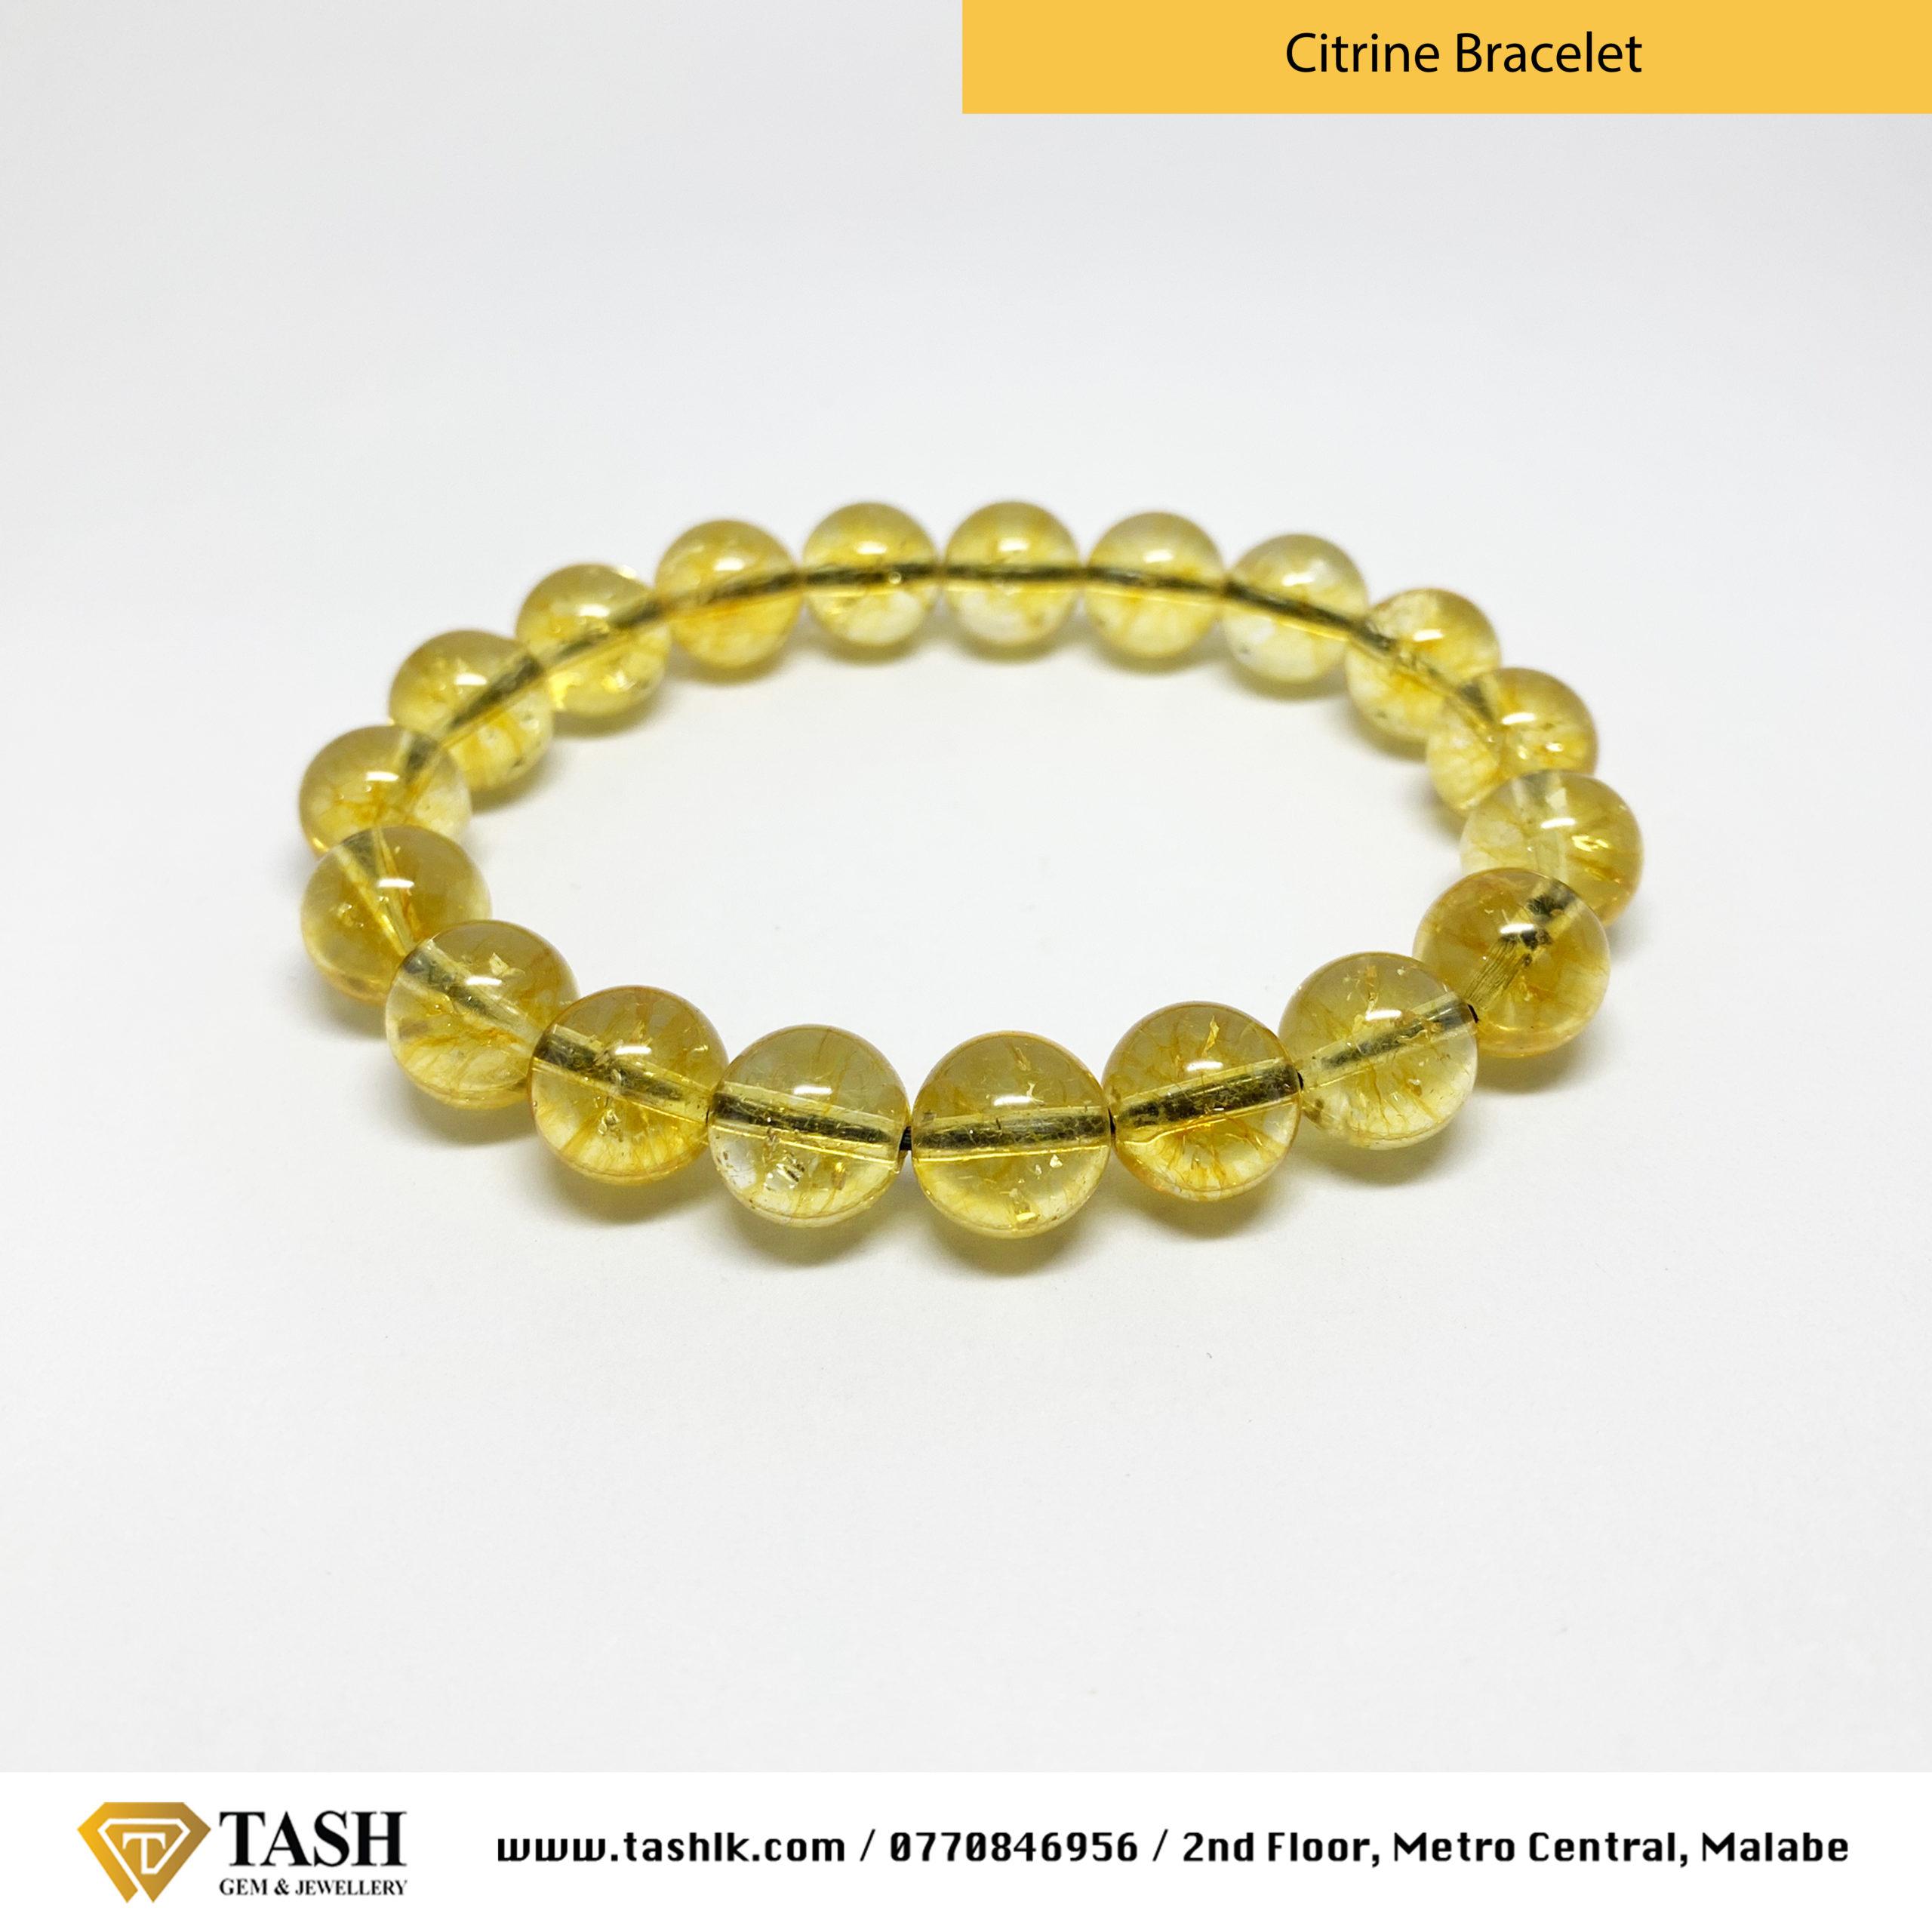 Citrine Bracelet 1